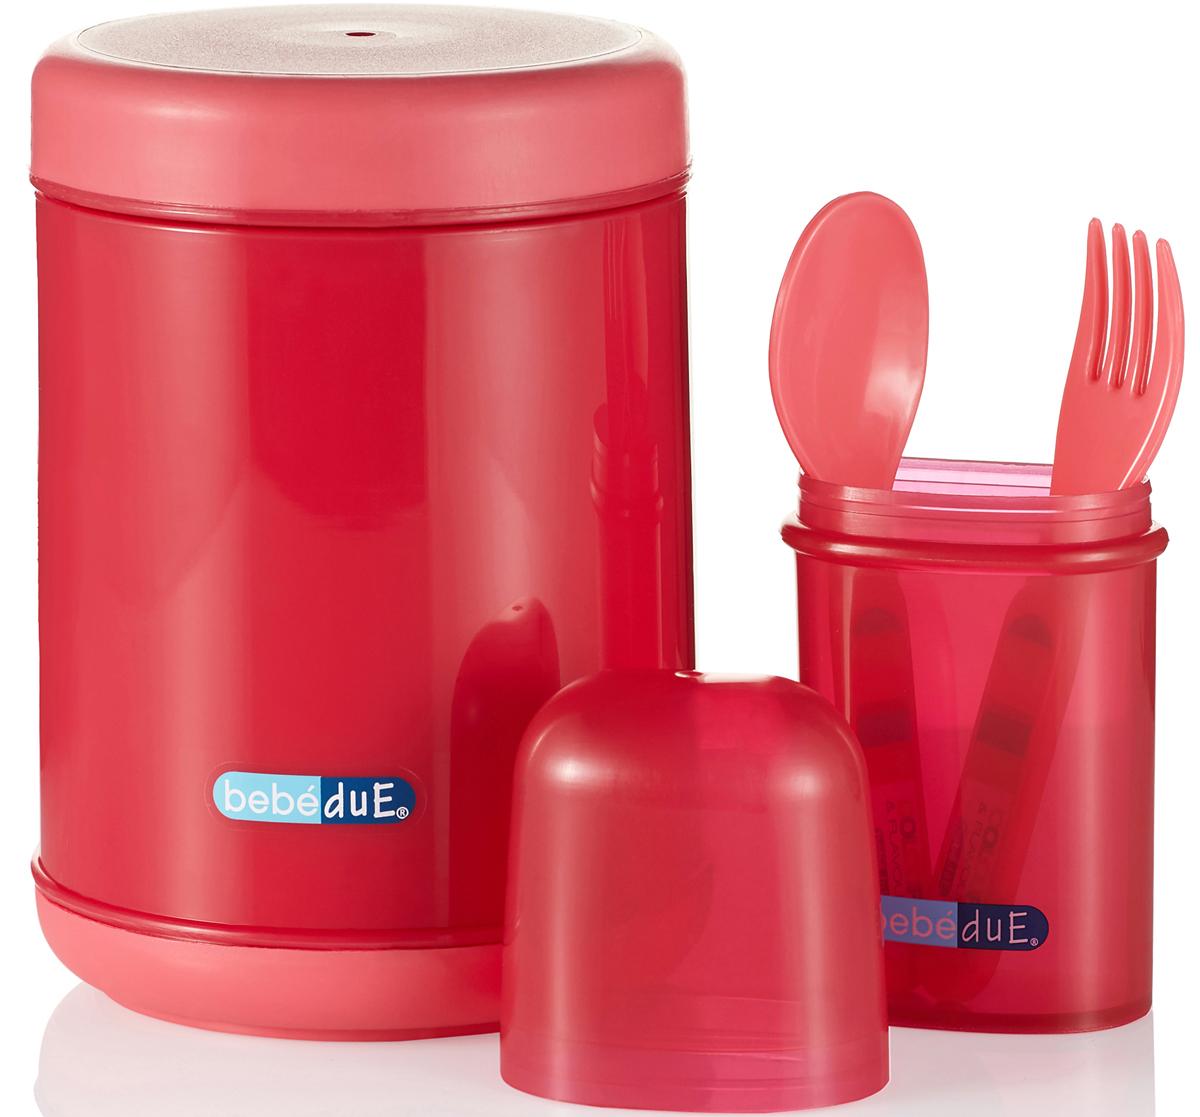 Bebe Due Набор для кормления 500 мл цвет розовый красный -  Все для детского кормления